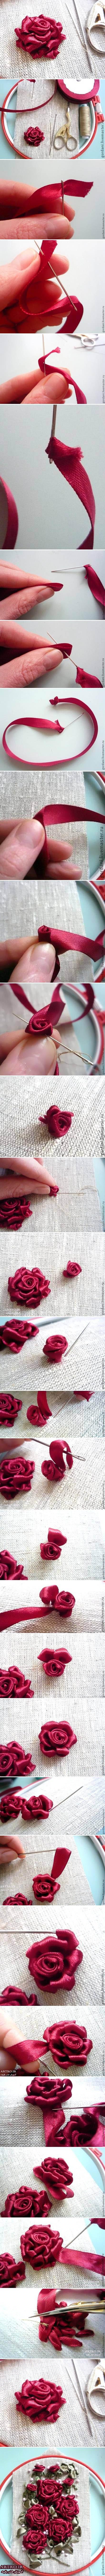 آموزش دوخت تصویری گل روبان